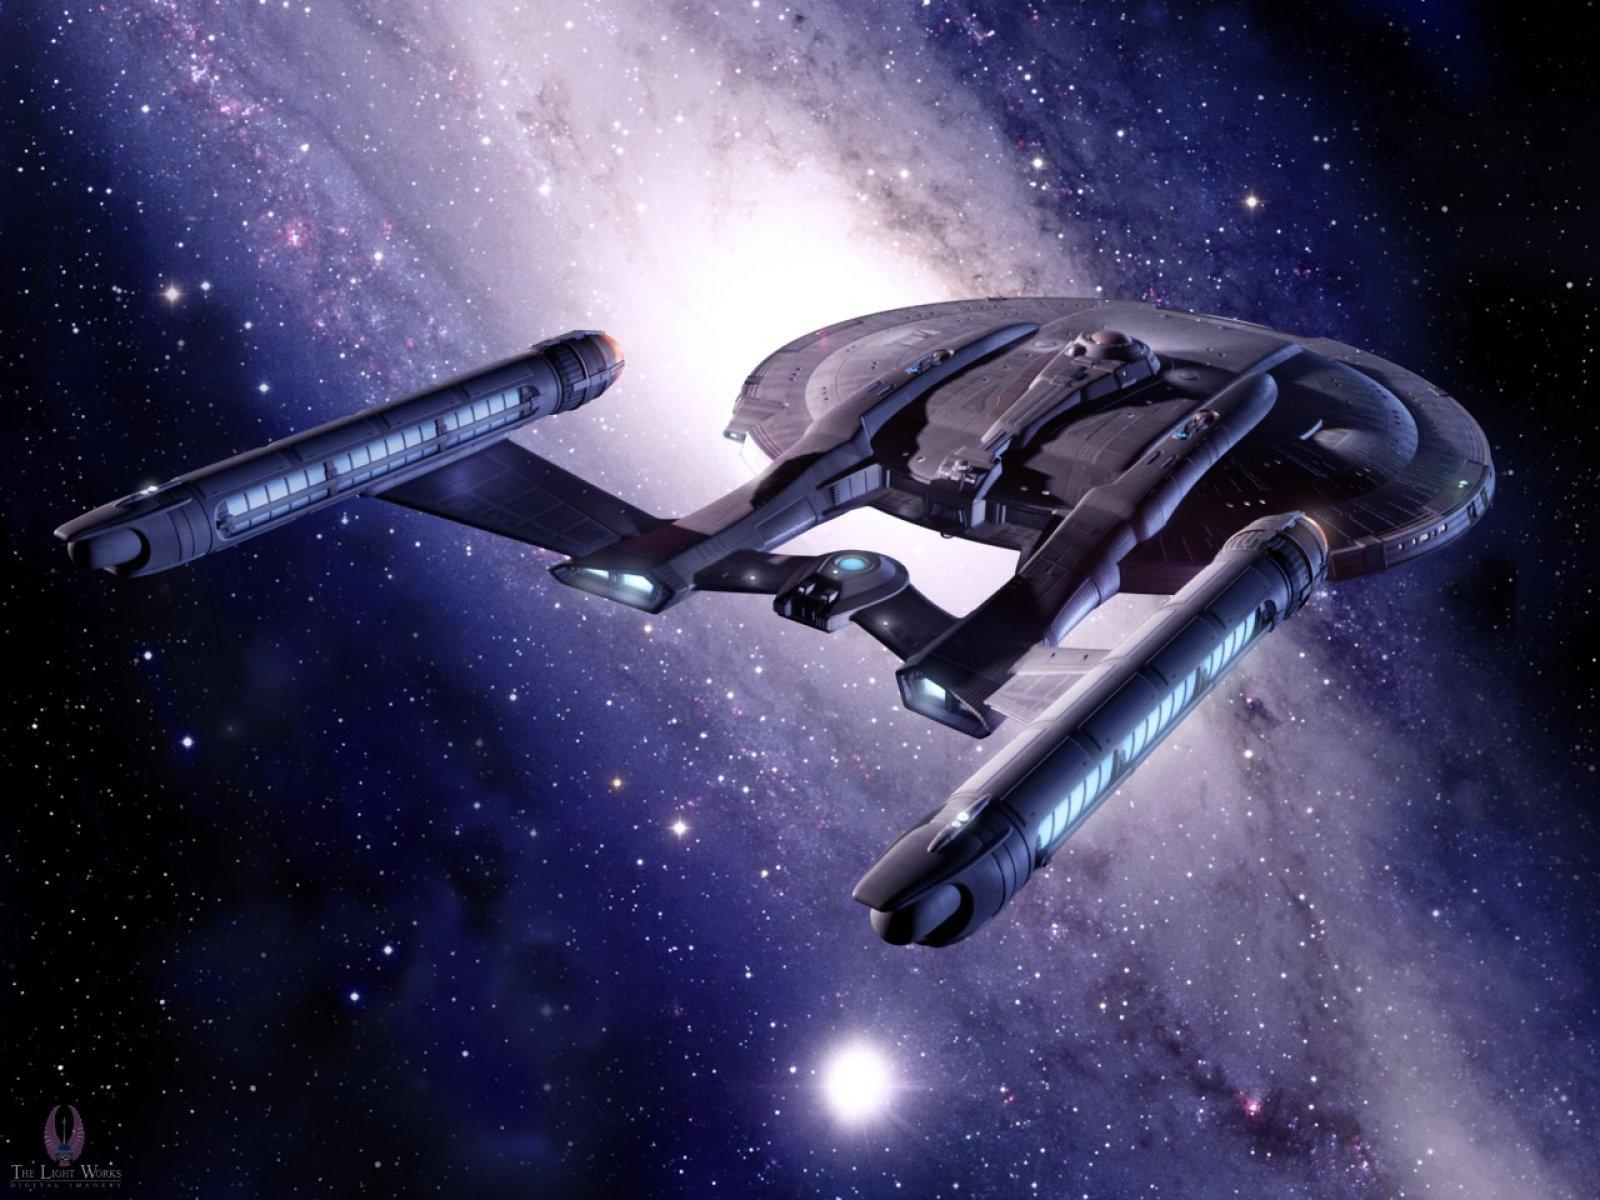 70 Starship Enterprise Wallpapers On Wallpapersafari